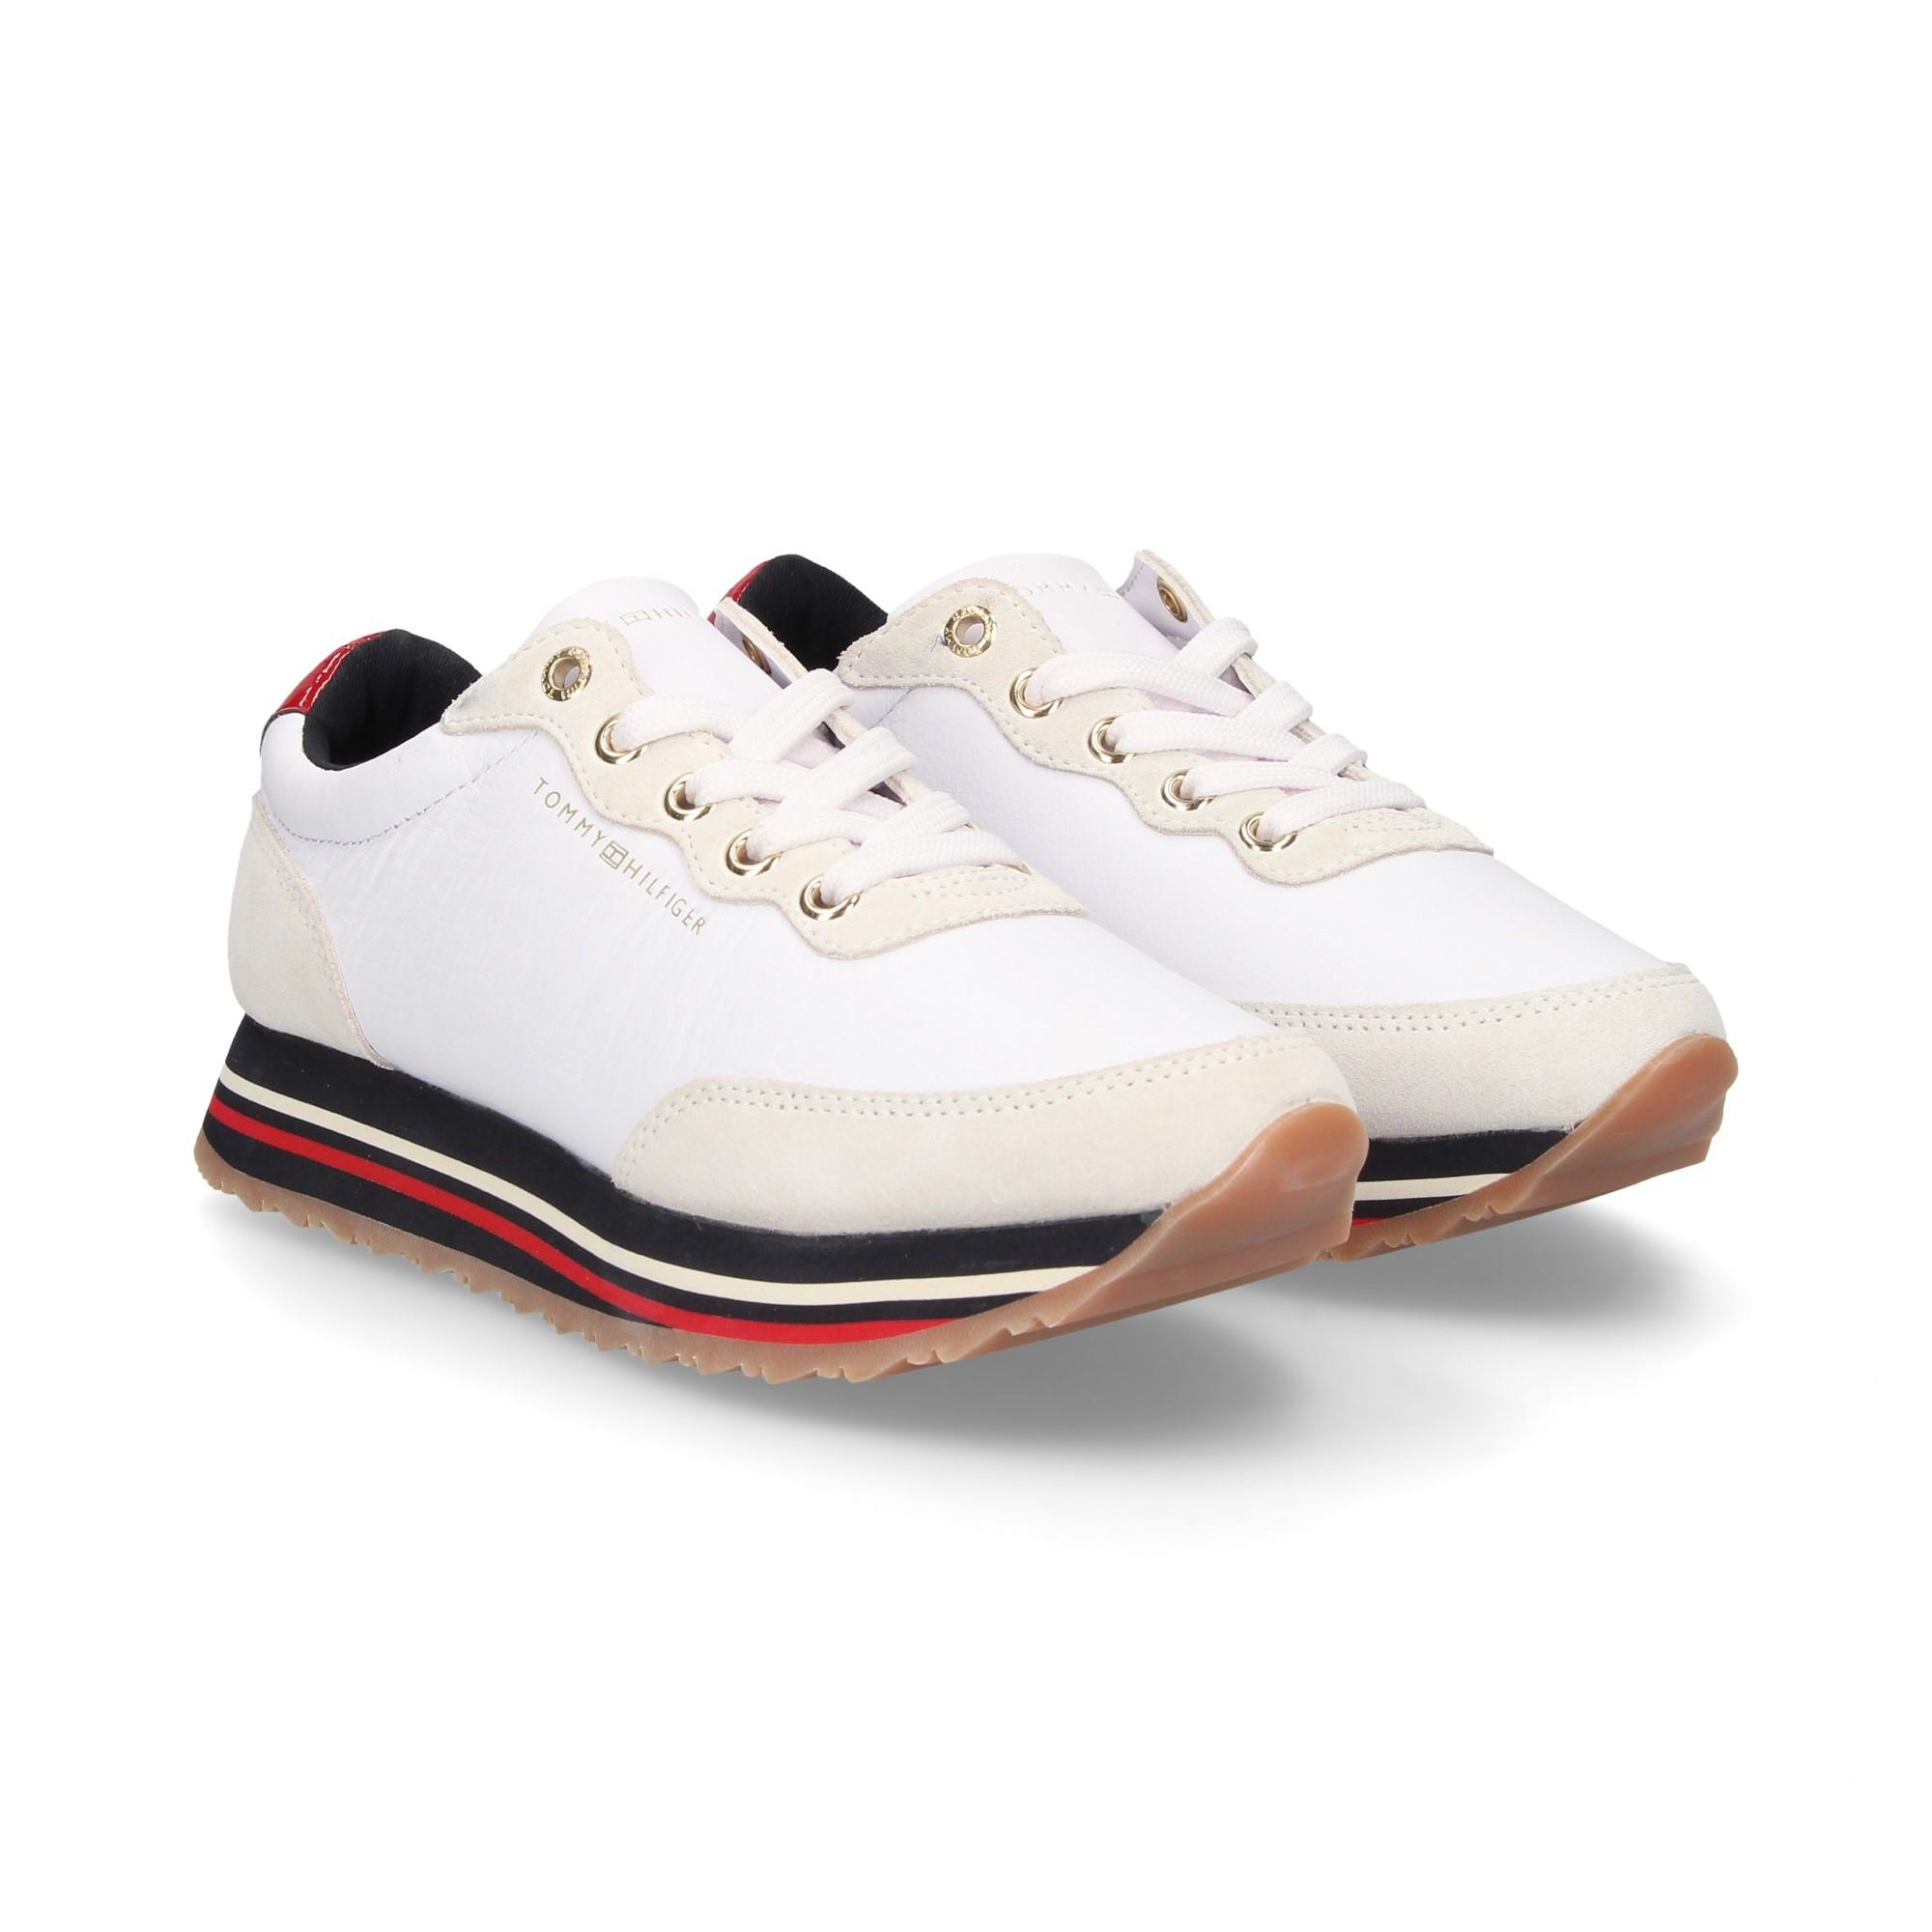 6ba3ebf429d77 TOMMY HILFIGER Women's Sneakers FW03690 100 WHITE